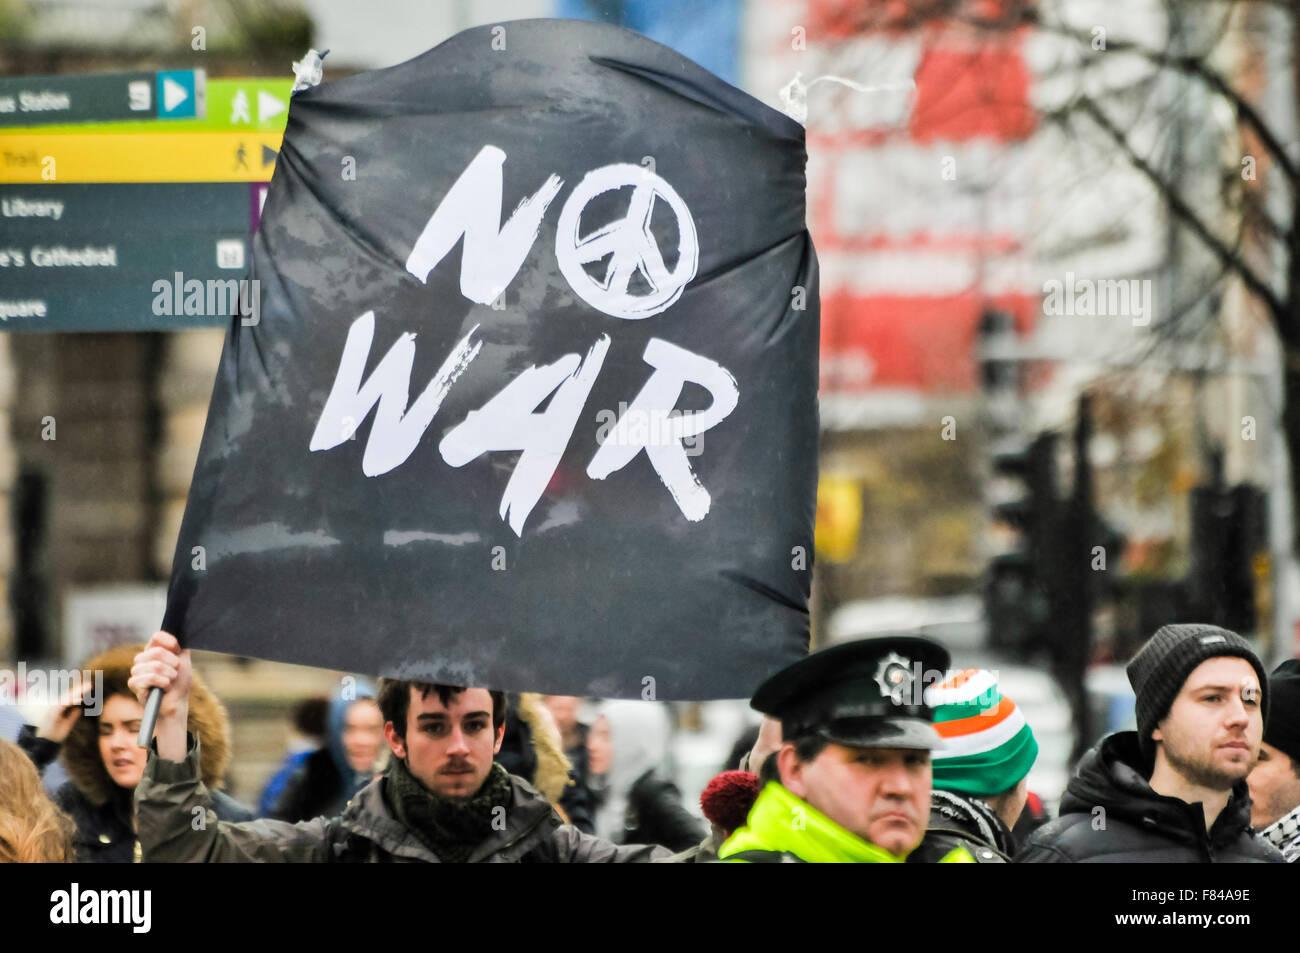 Belfast, Irlanda del Nord. 05 dic 2015 - Un uomo può contenere fino un banner che dice 'no war' (con Immagini Stock